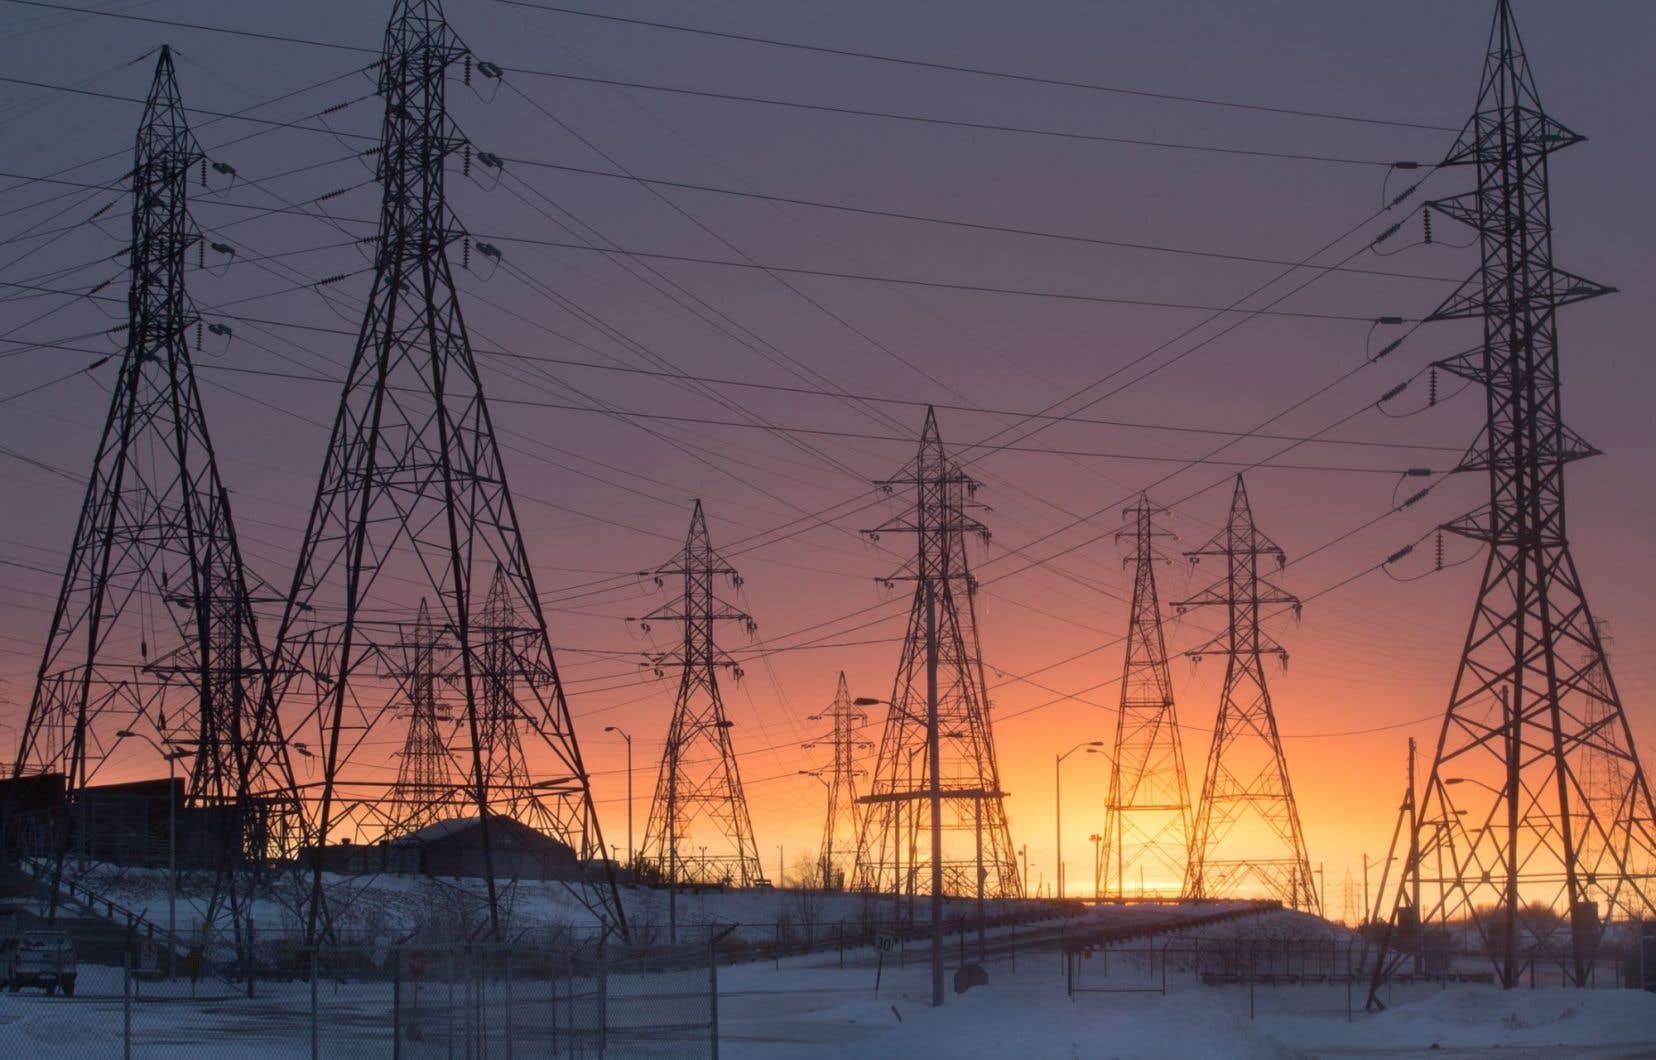 Dans son document budgétaire, le gouvernement évalue à 2,6 milliards la redevance provenant d'Hydro-Québec en 2016-2017, suivie de 2,7 milliards l'année suivante.